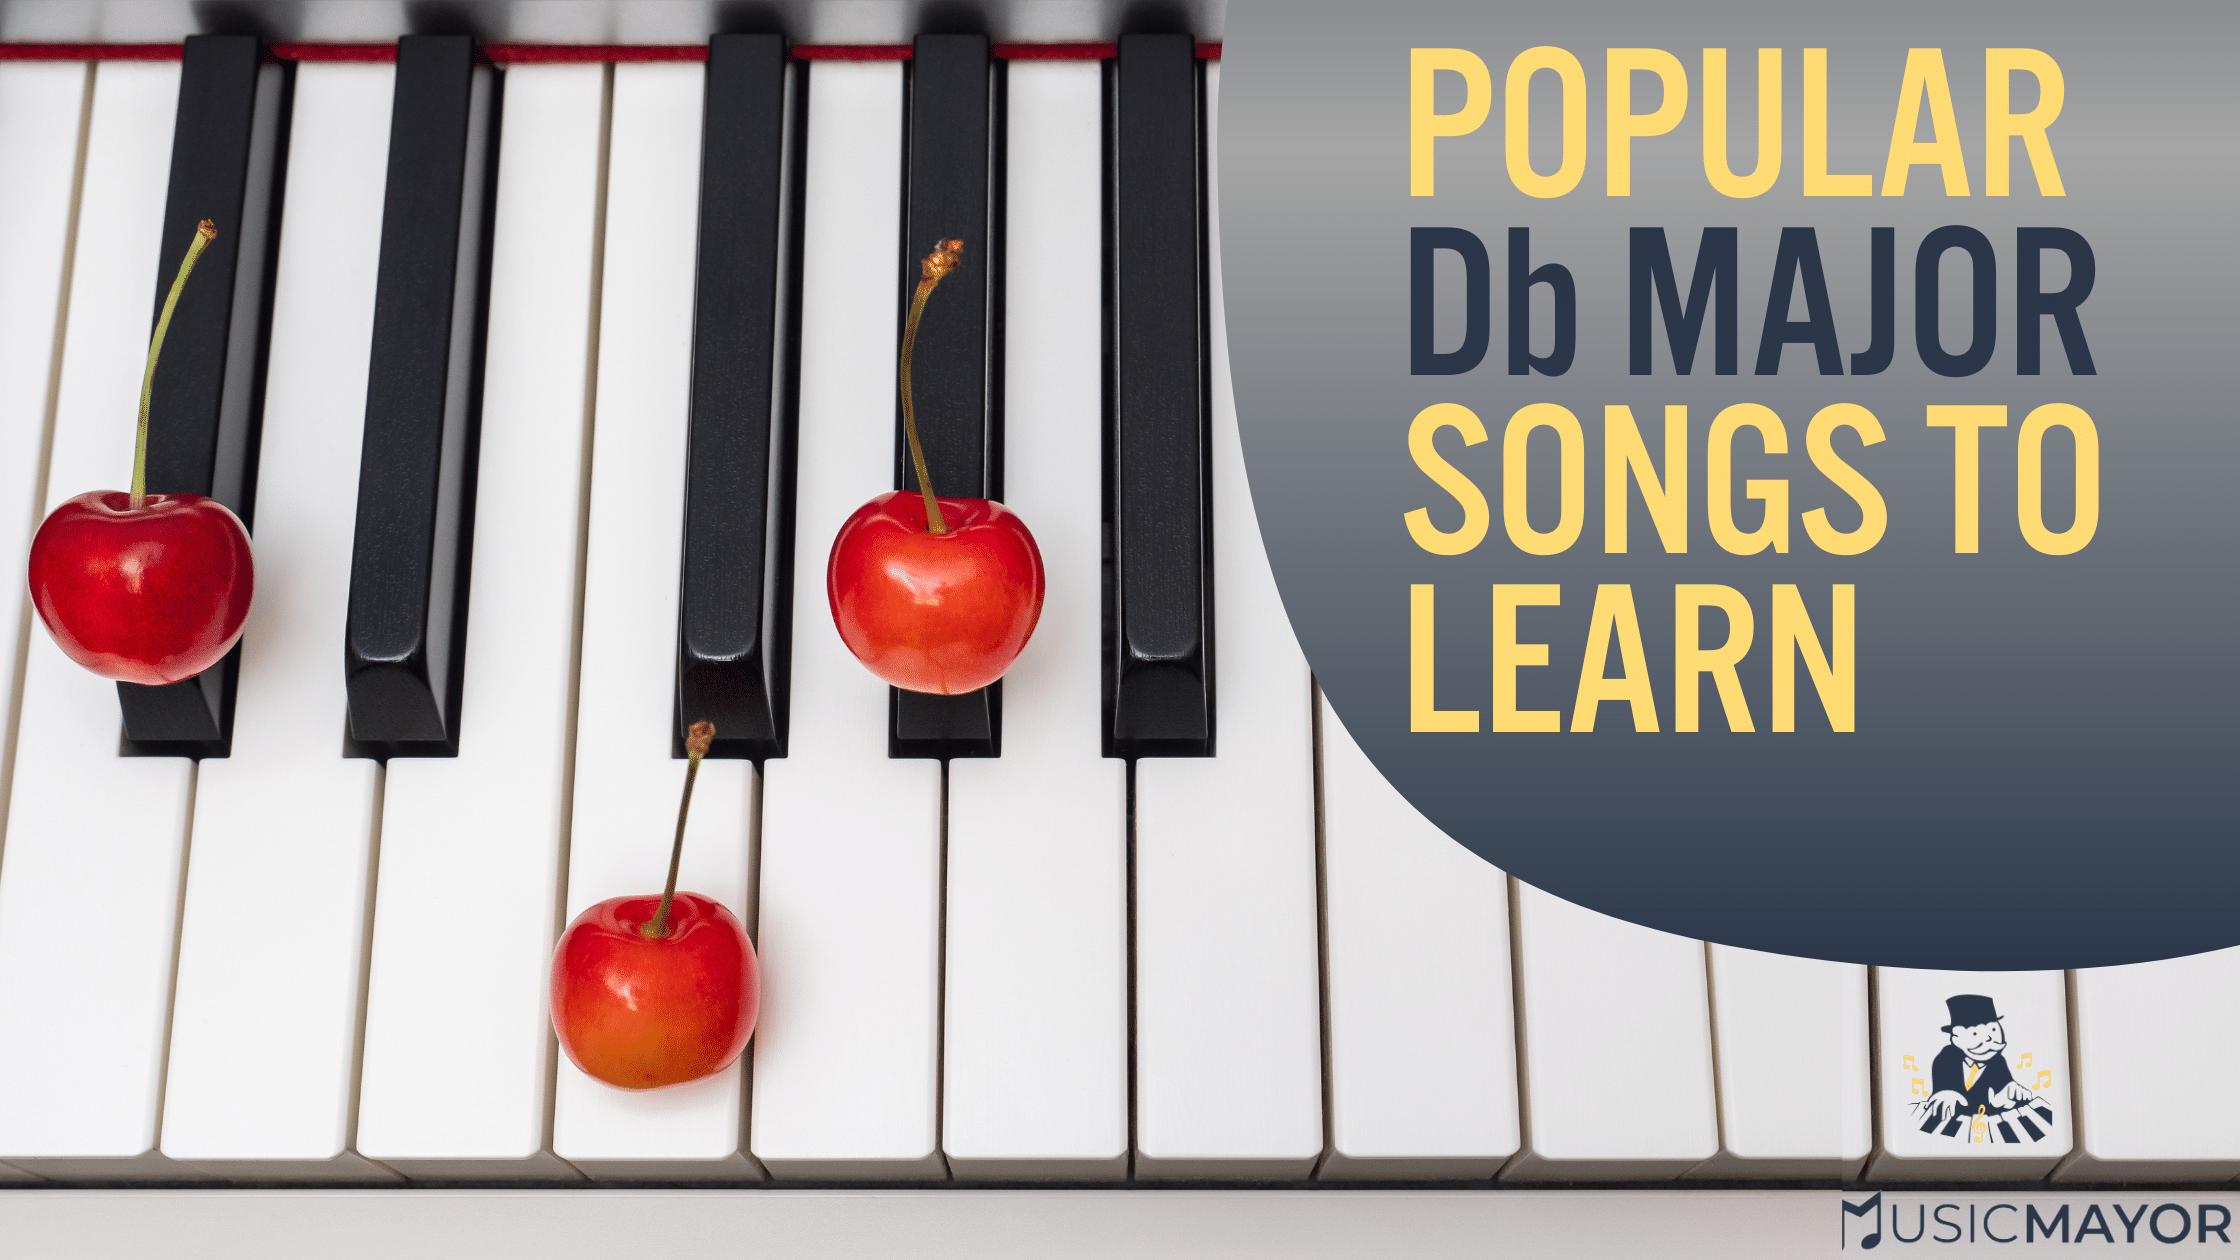 popular db major songs